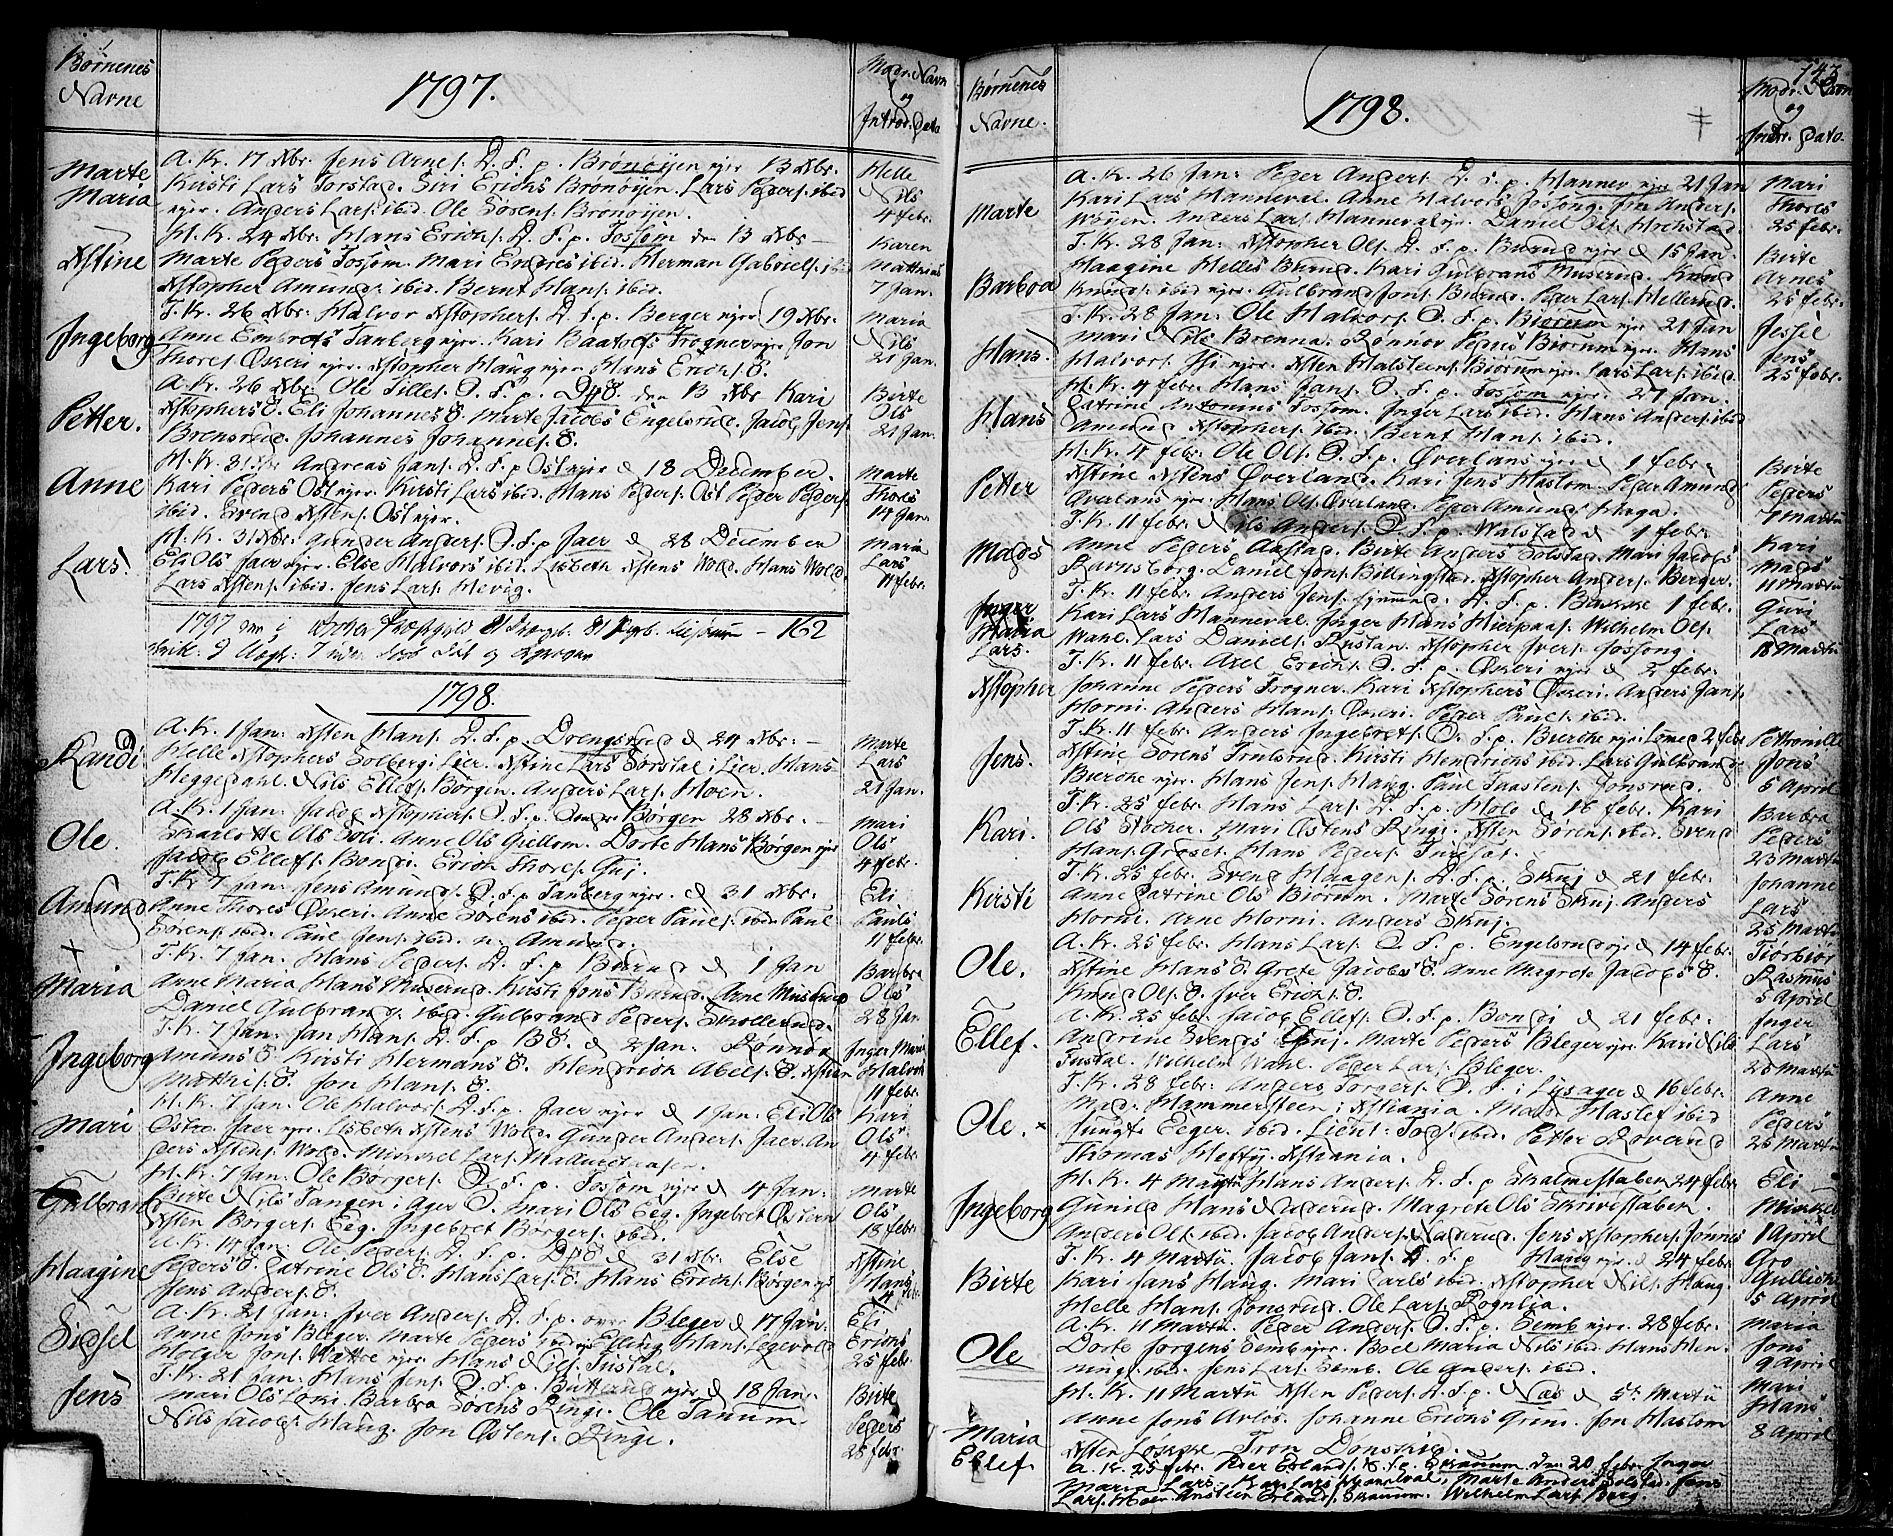 SAO, Asker prestekontor Kirkebøker, F/Fa/L0003: Ministerialbok nr. I 3, 1767-1807, s. 143